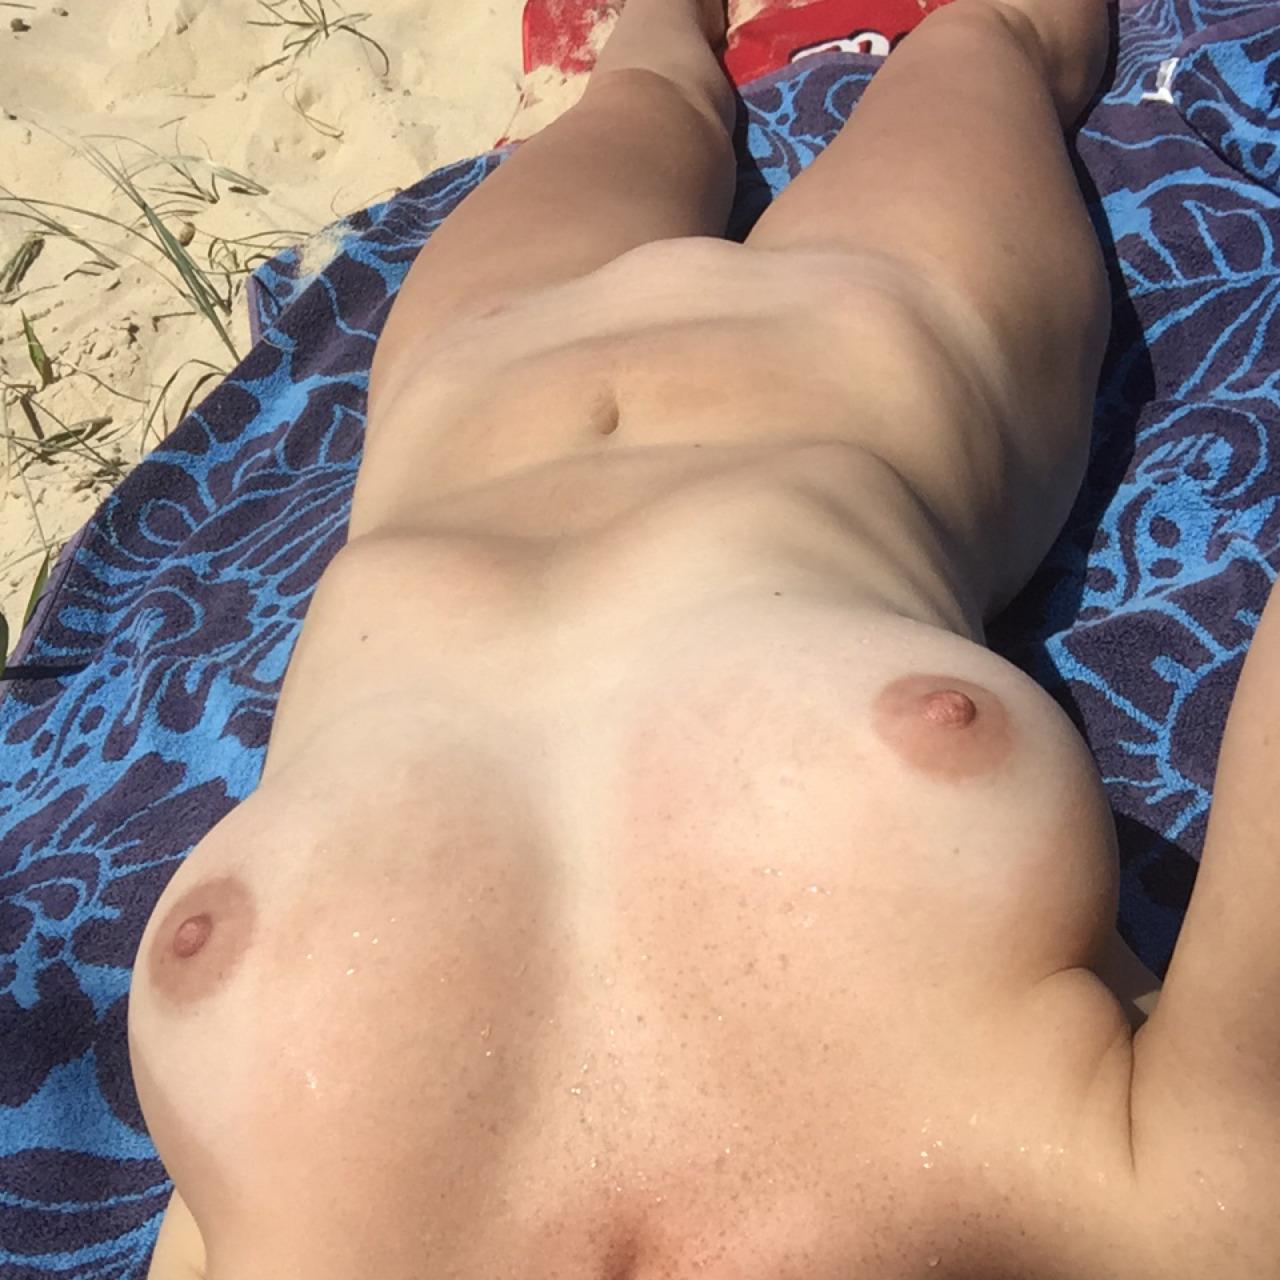 【海外エロ画像】即ヤれそうwヌーディストビーチの全裸で寝る人々www 07